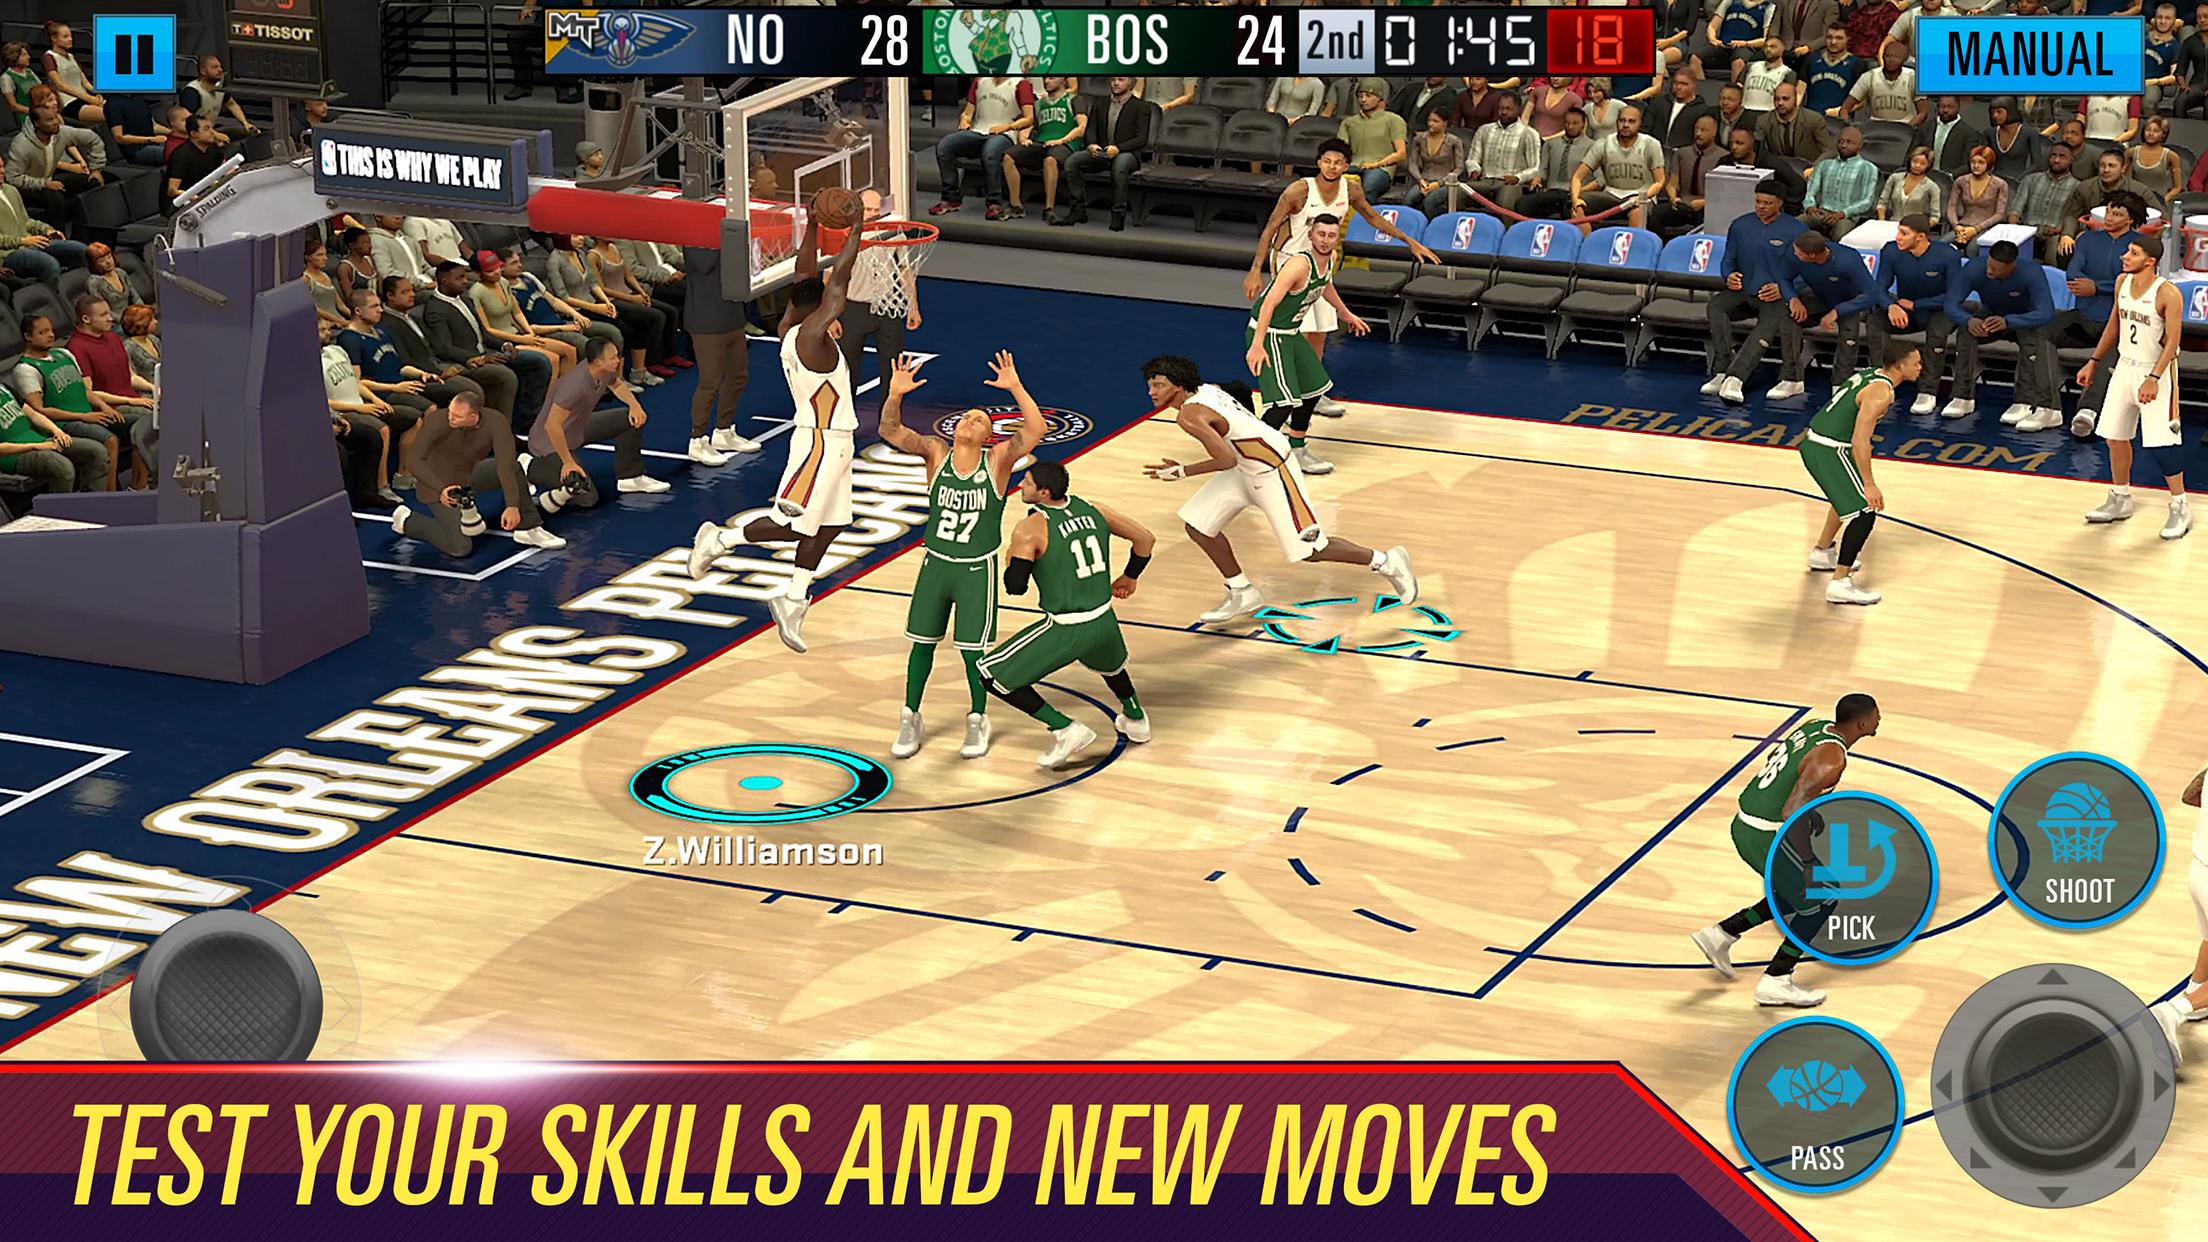 NBA2K-MOBILE_TEST_2208x1242_EN